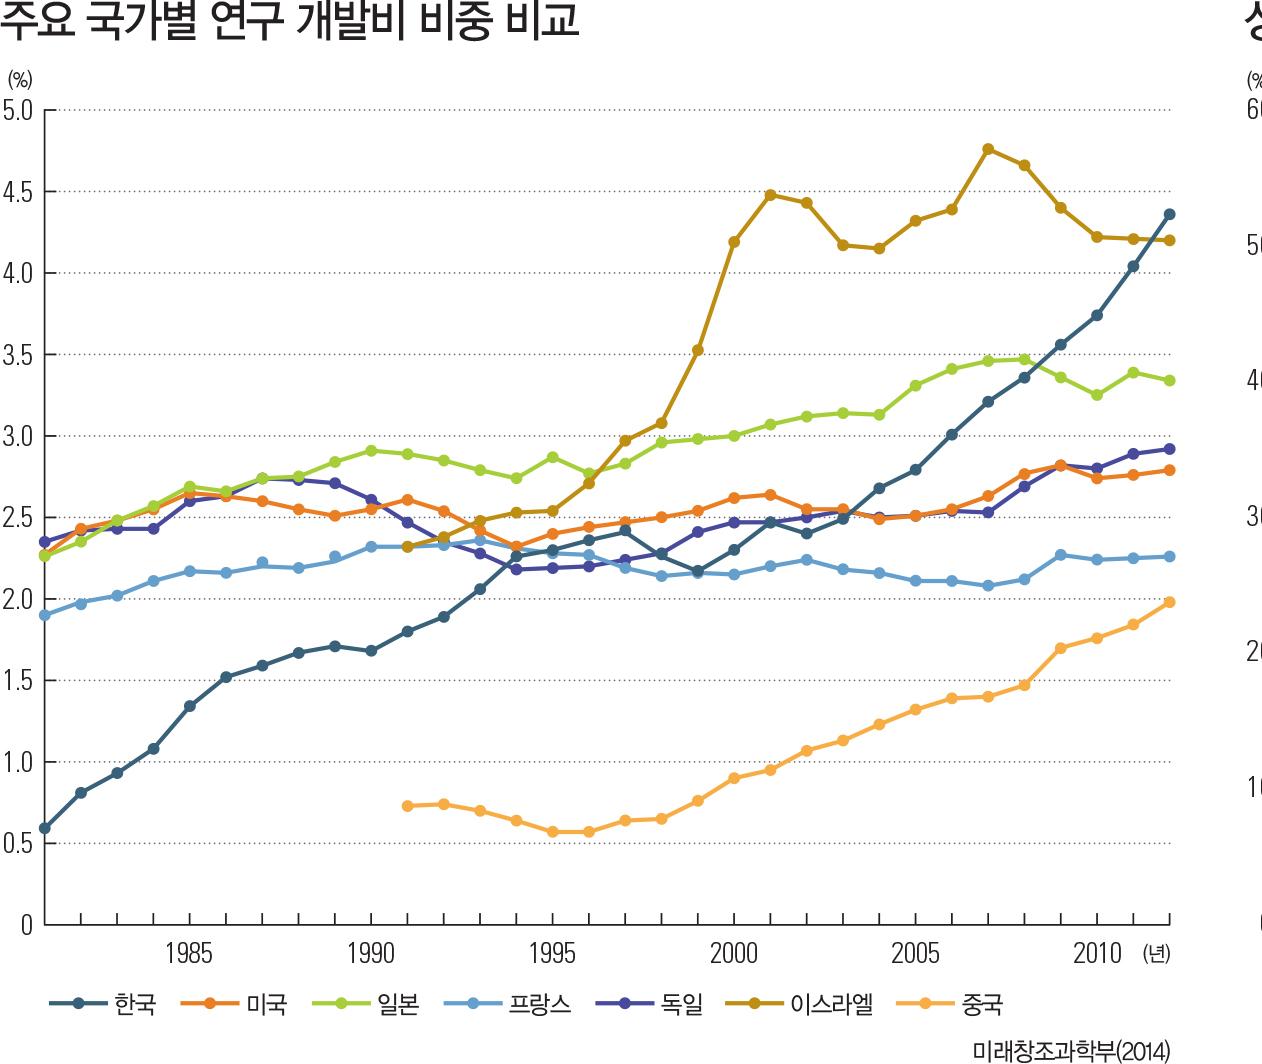 주요 국가별 연구 개발비 비중 비교